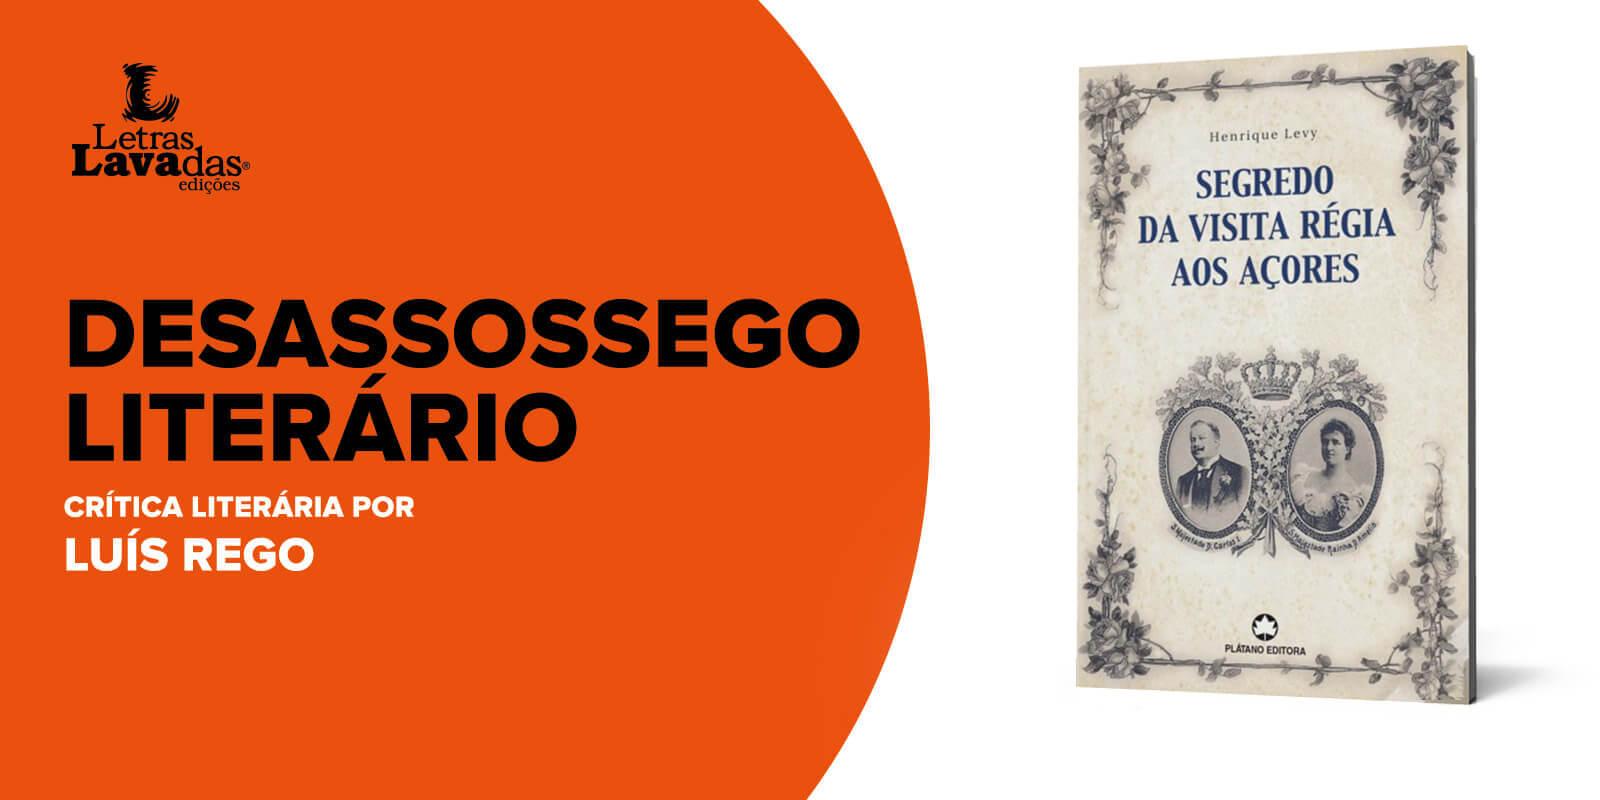 Segredo da Visita Régia aos Açores – Desassossego Literário